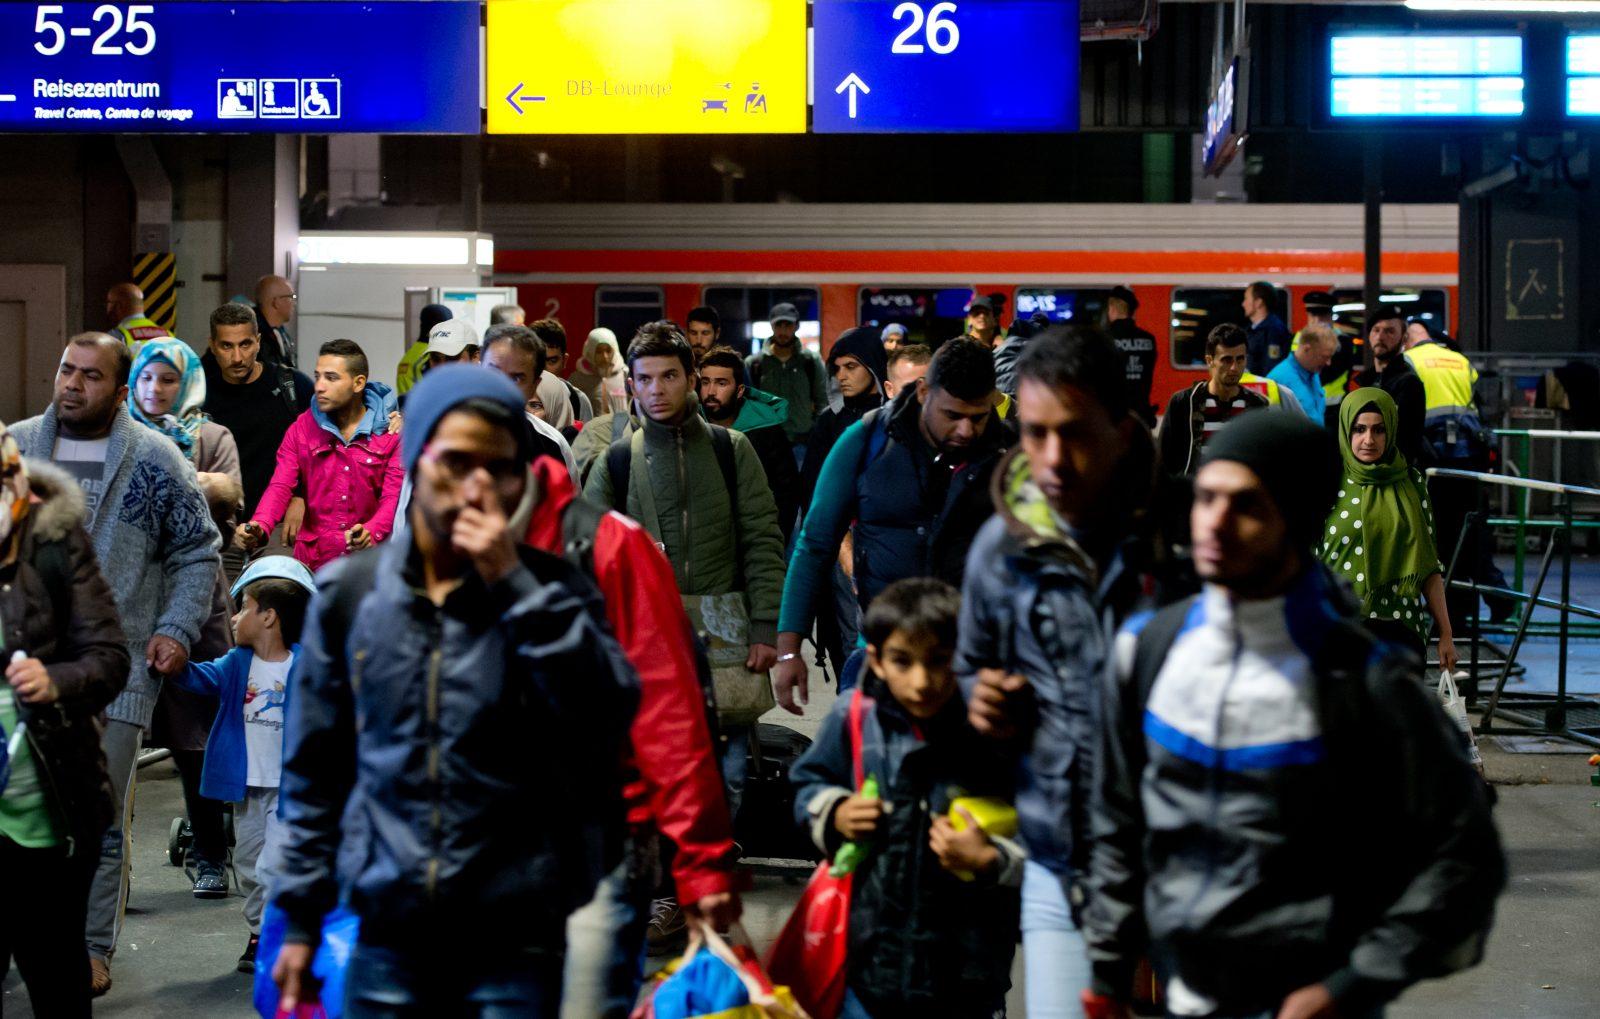 Flüchtlinge am Münchner Hauptbahnhof: Die meisten Asylbewerber stammten 2019 aus Syrien, dem Irak und dem Iran